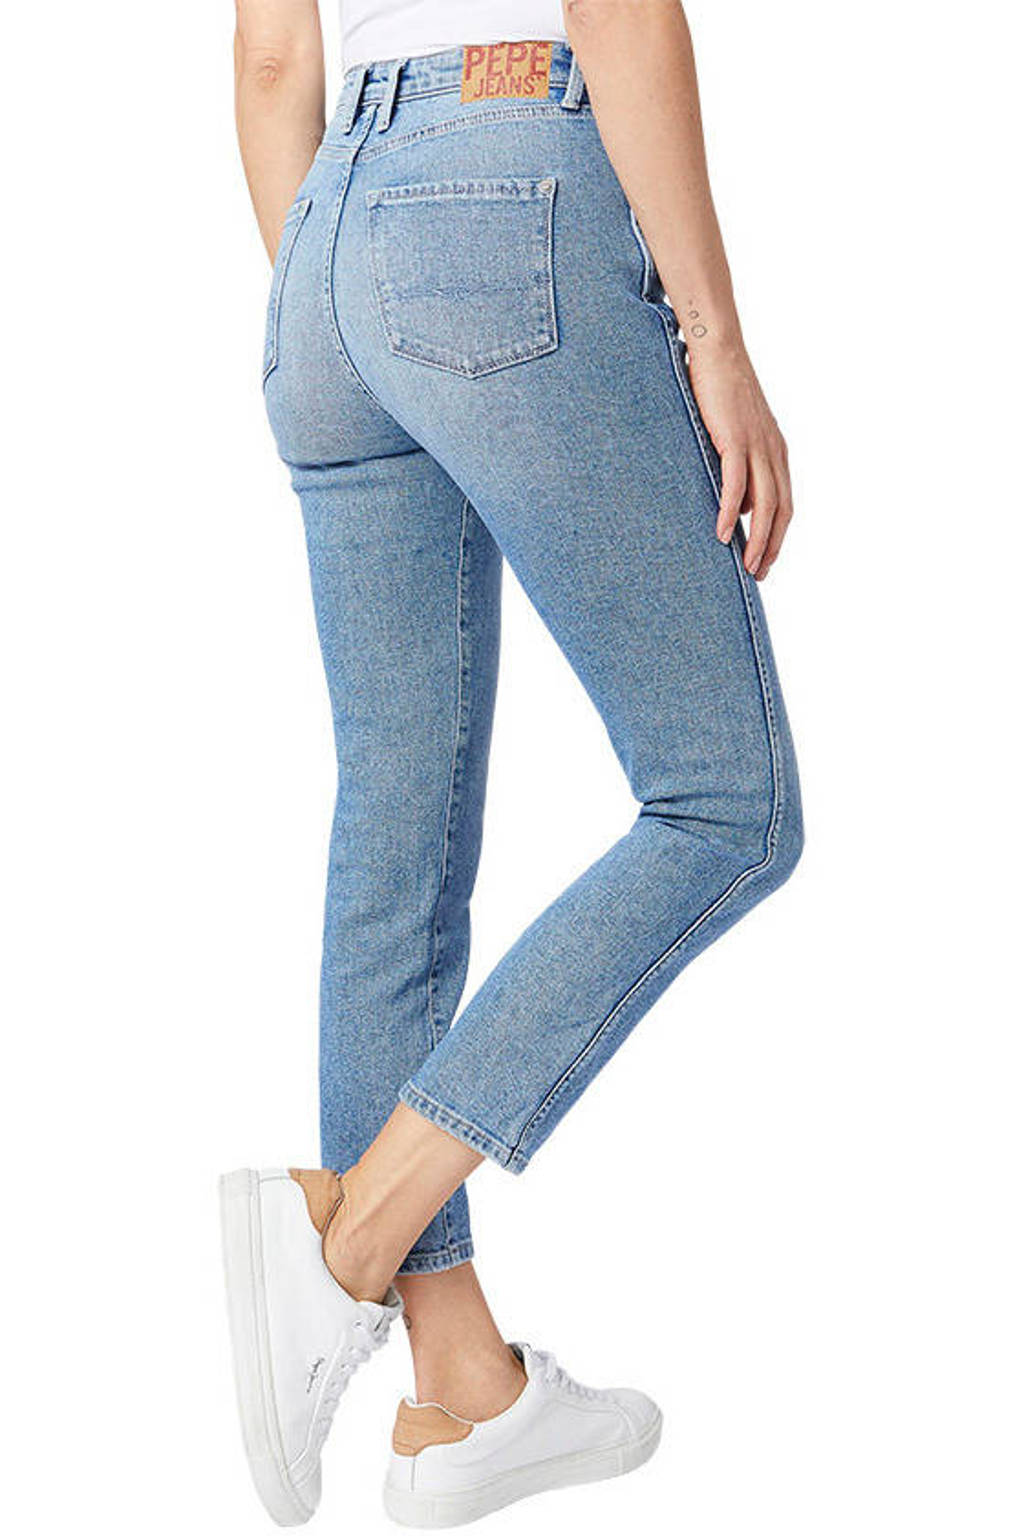 Pepe Jeans Dion high waist 7/8 jeans lichtblauw, Lichtblauw